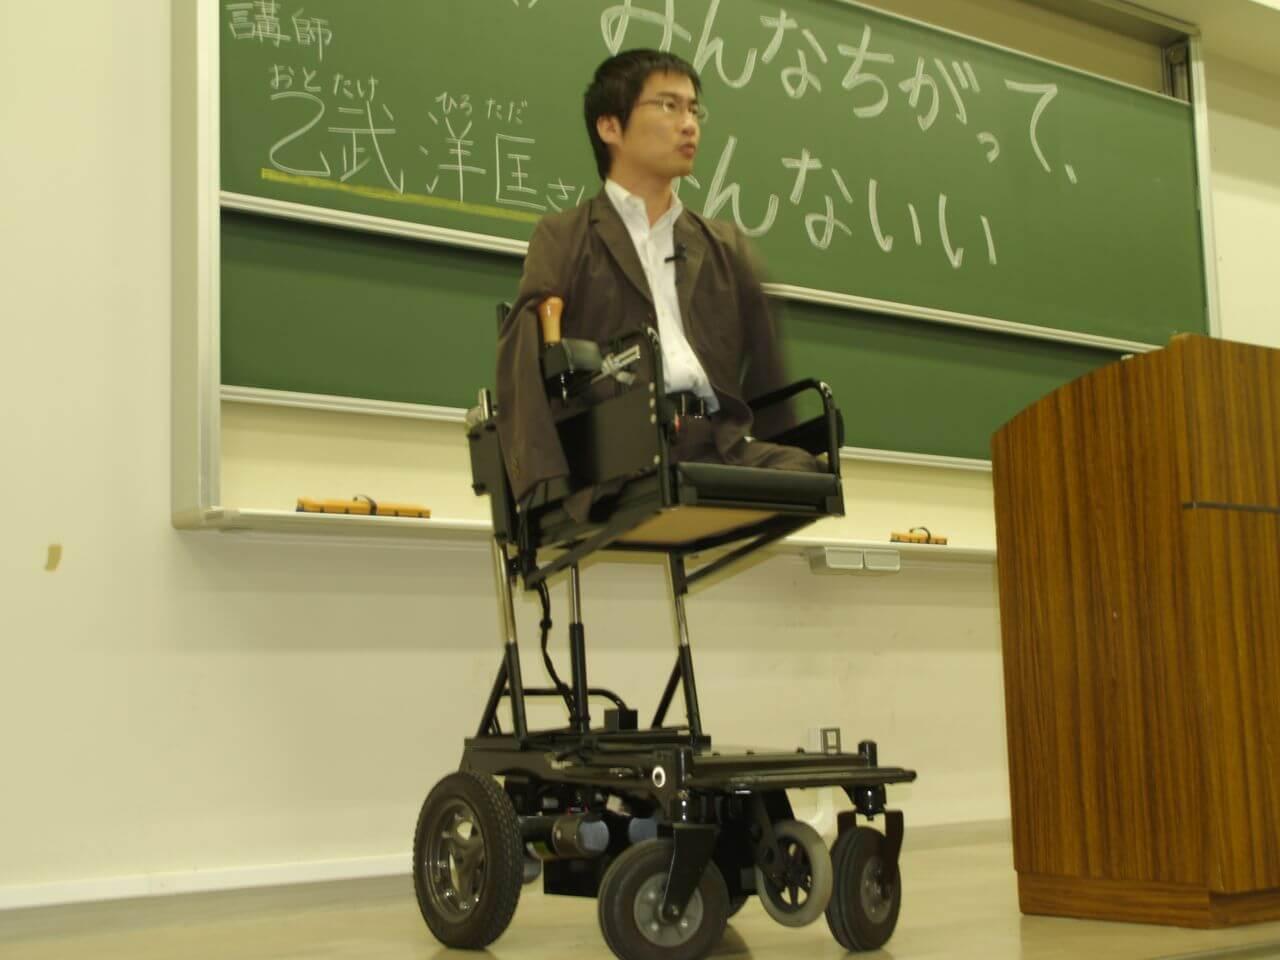 乙武洋匡さんが公演している写真画像